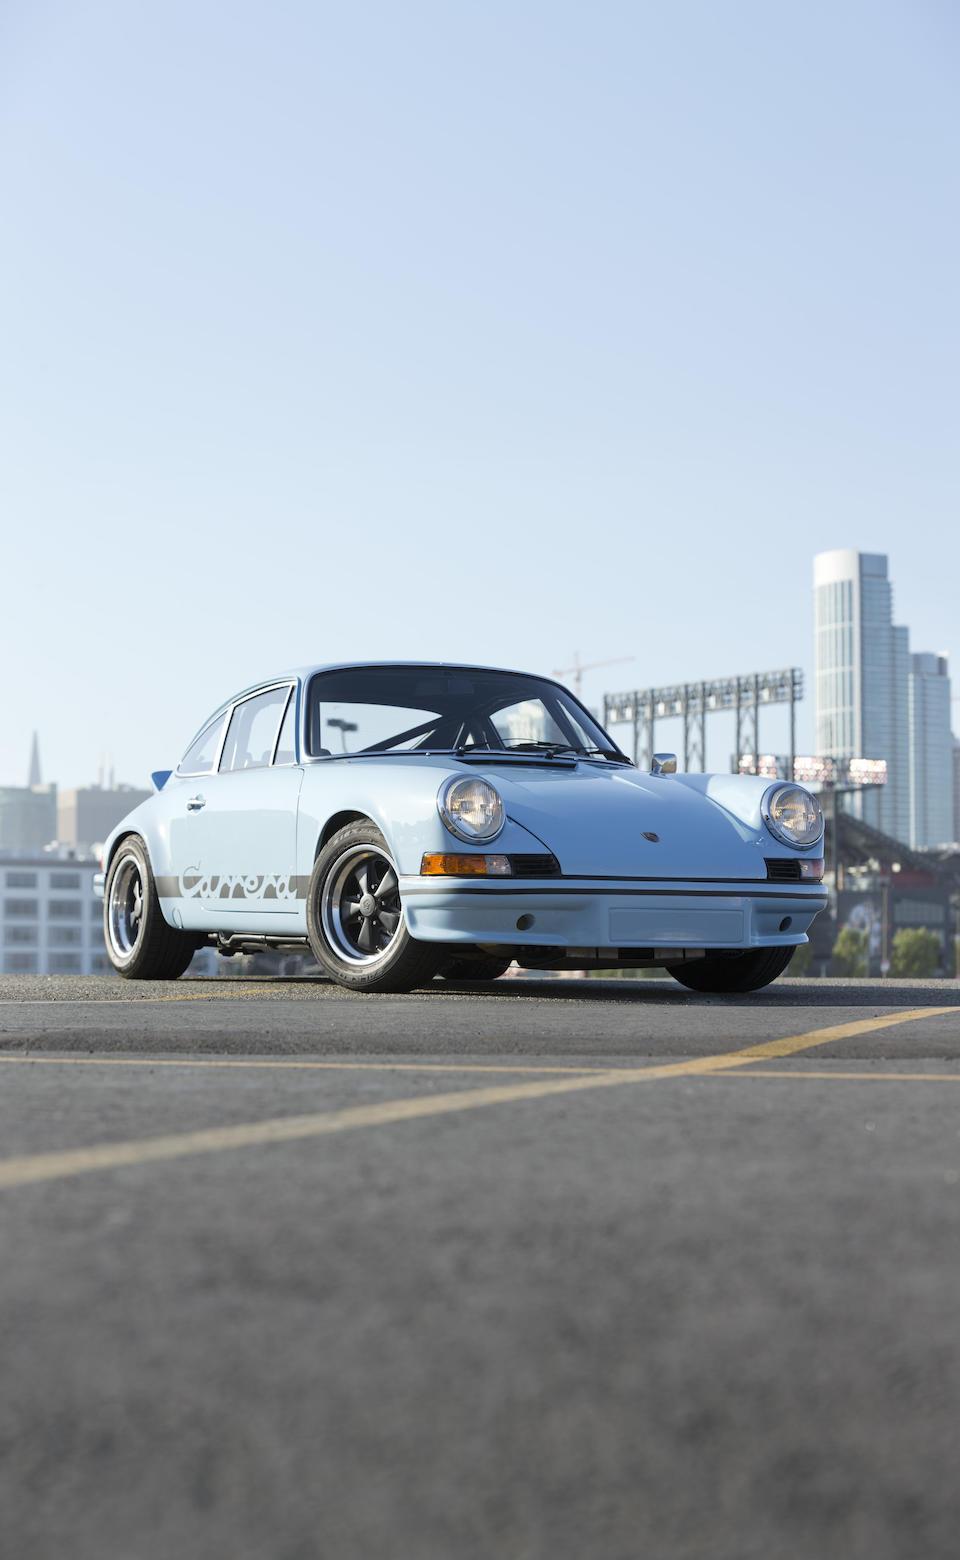 Bonhams 1973 Porsche 911 Carrera Rs 27 Chassis No